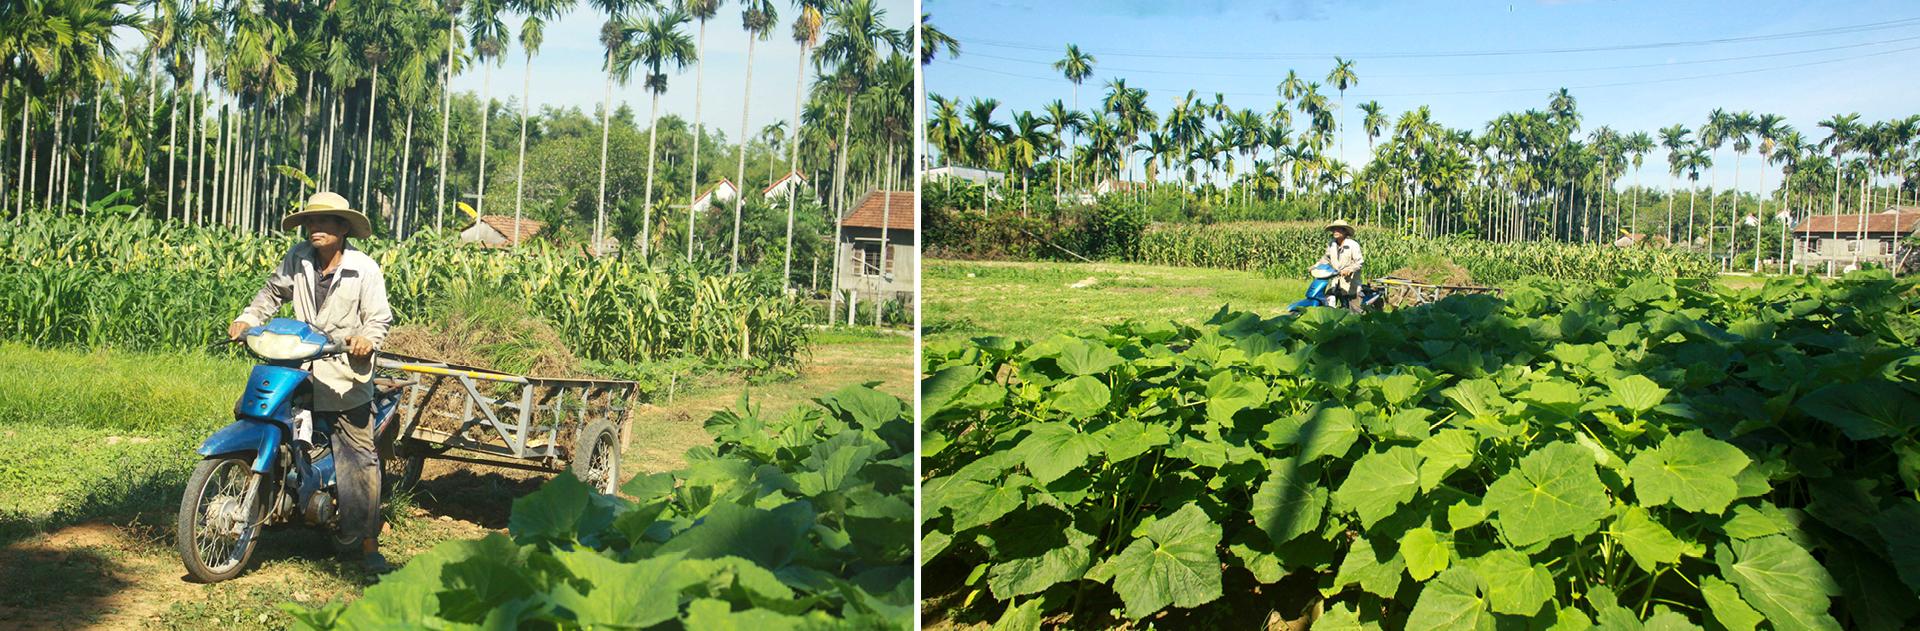 Nông dân tự làm bẫy sinh học, trừ sâu thảo mộc để trồng rau hữu cơ ảnh 14